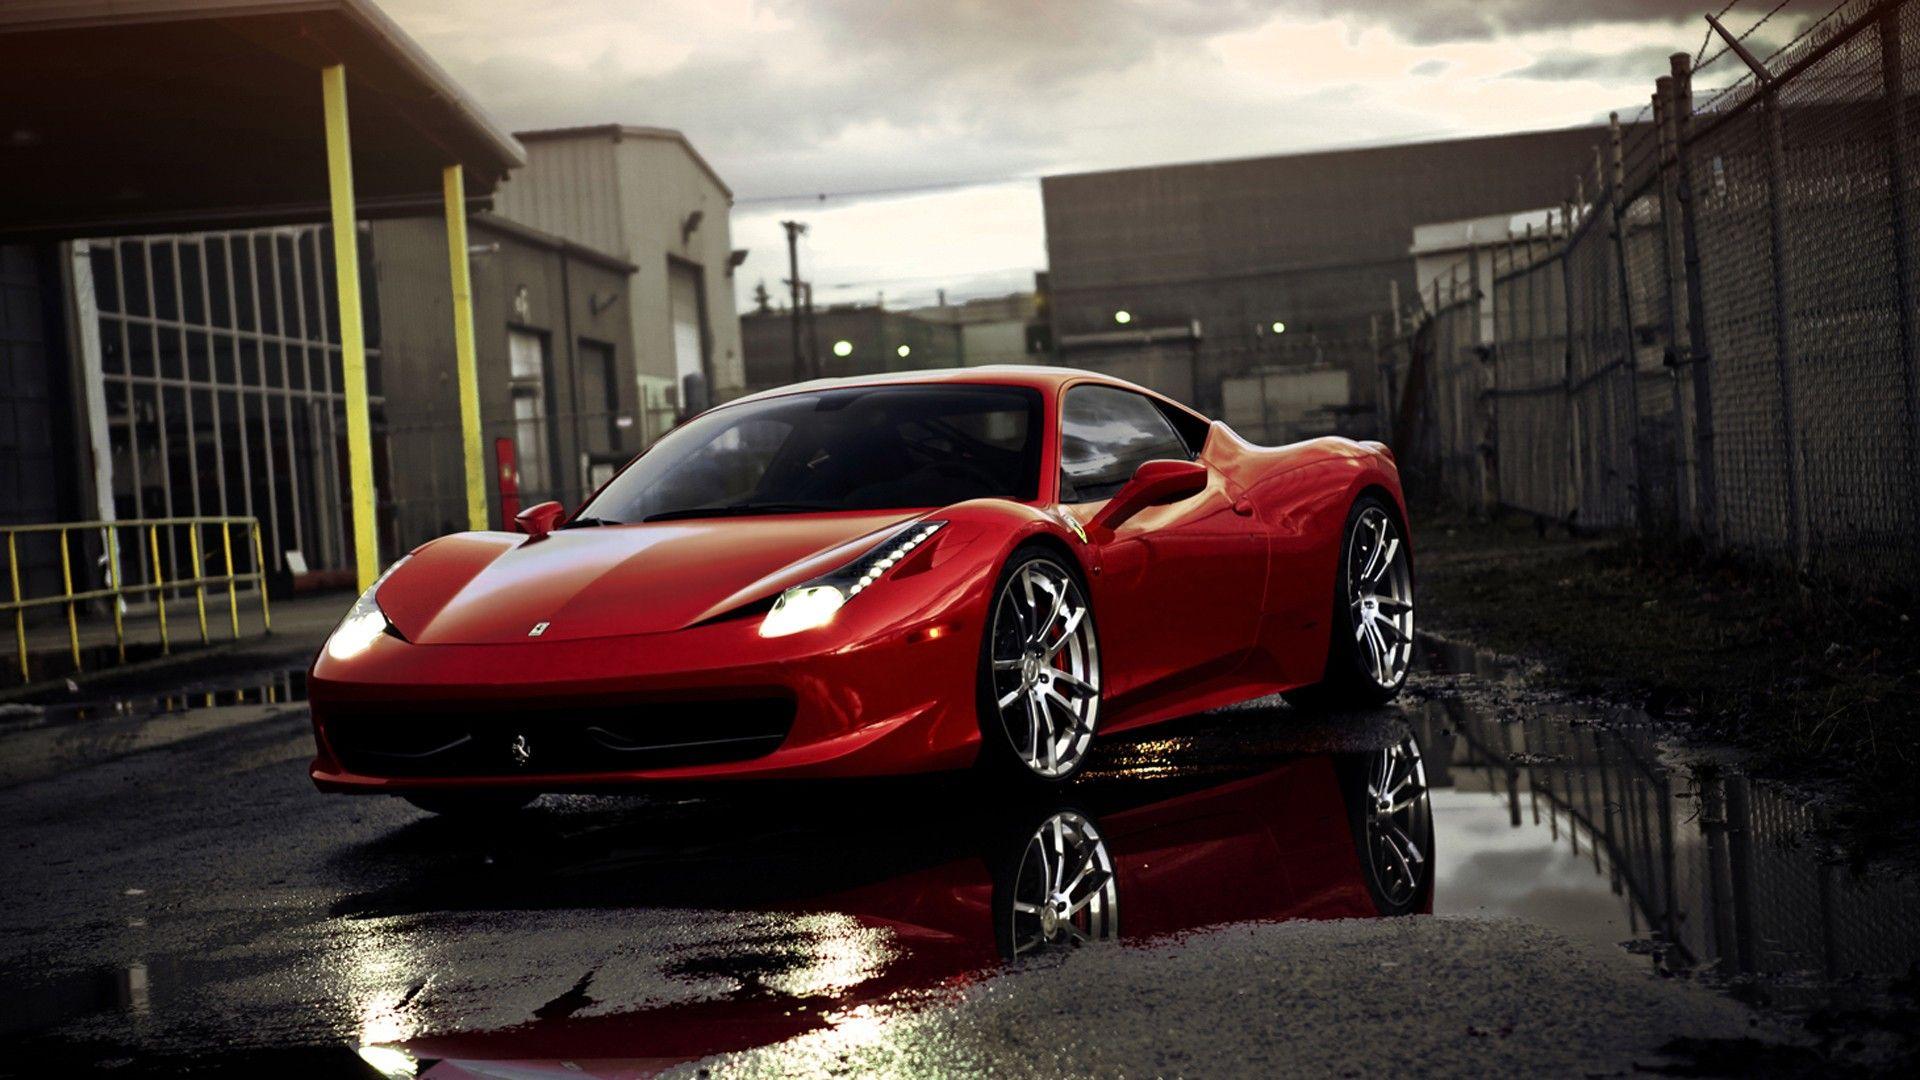 Hd wallpaper car - Ferrari 458 Italia Sports Cars Hd Wallpaper Auto Pinterest Ferrari 458 Sports Cars And Ferrari